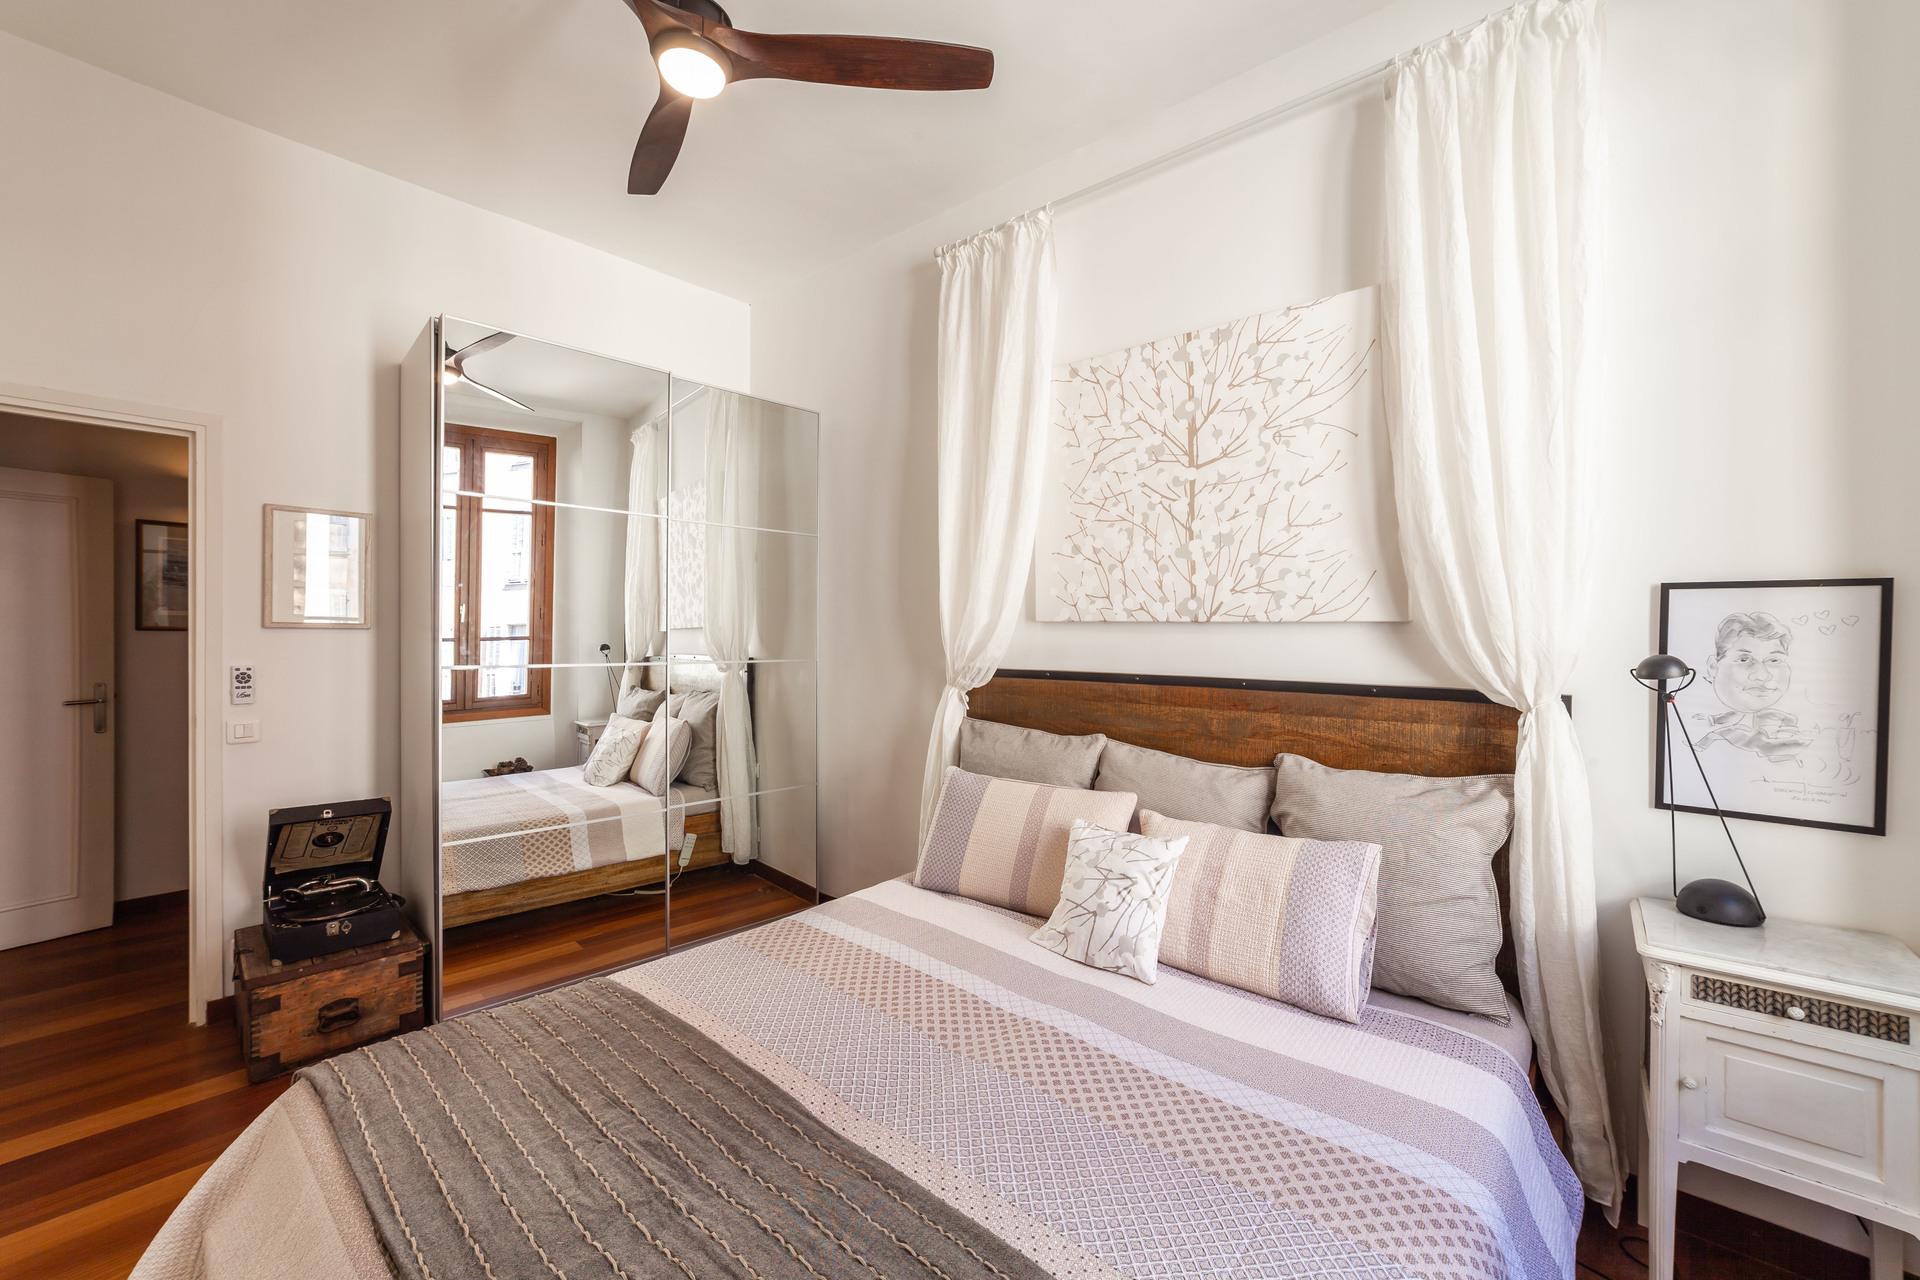 Vente Appartement 74 m² T3 06300_8